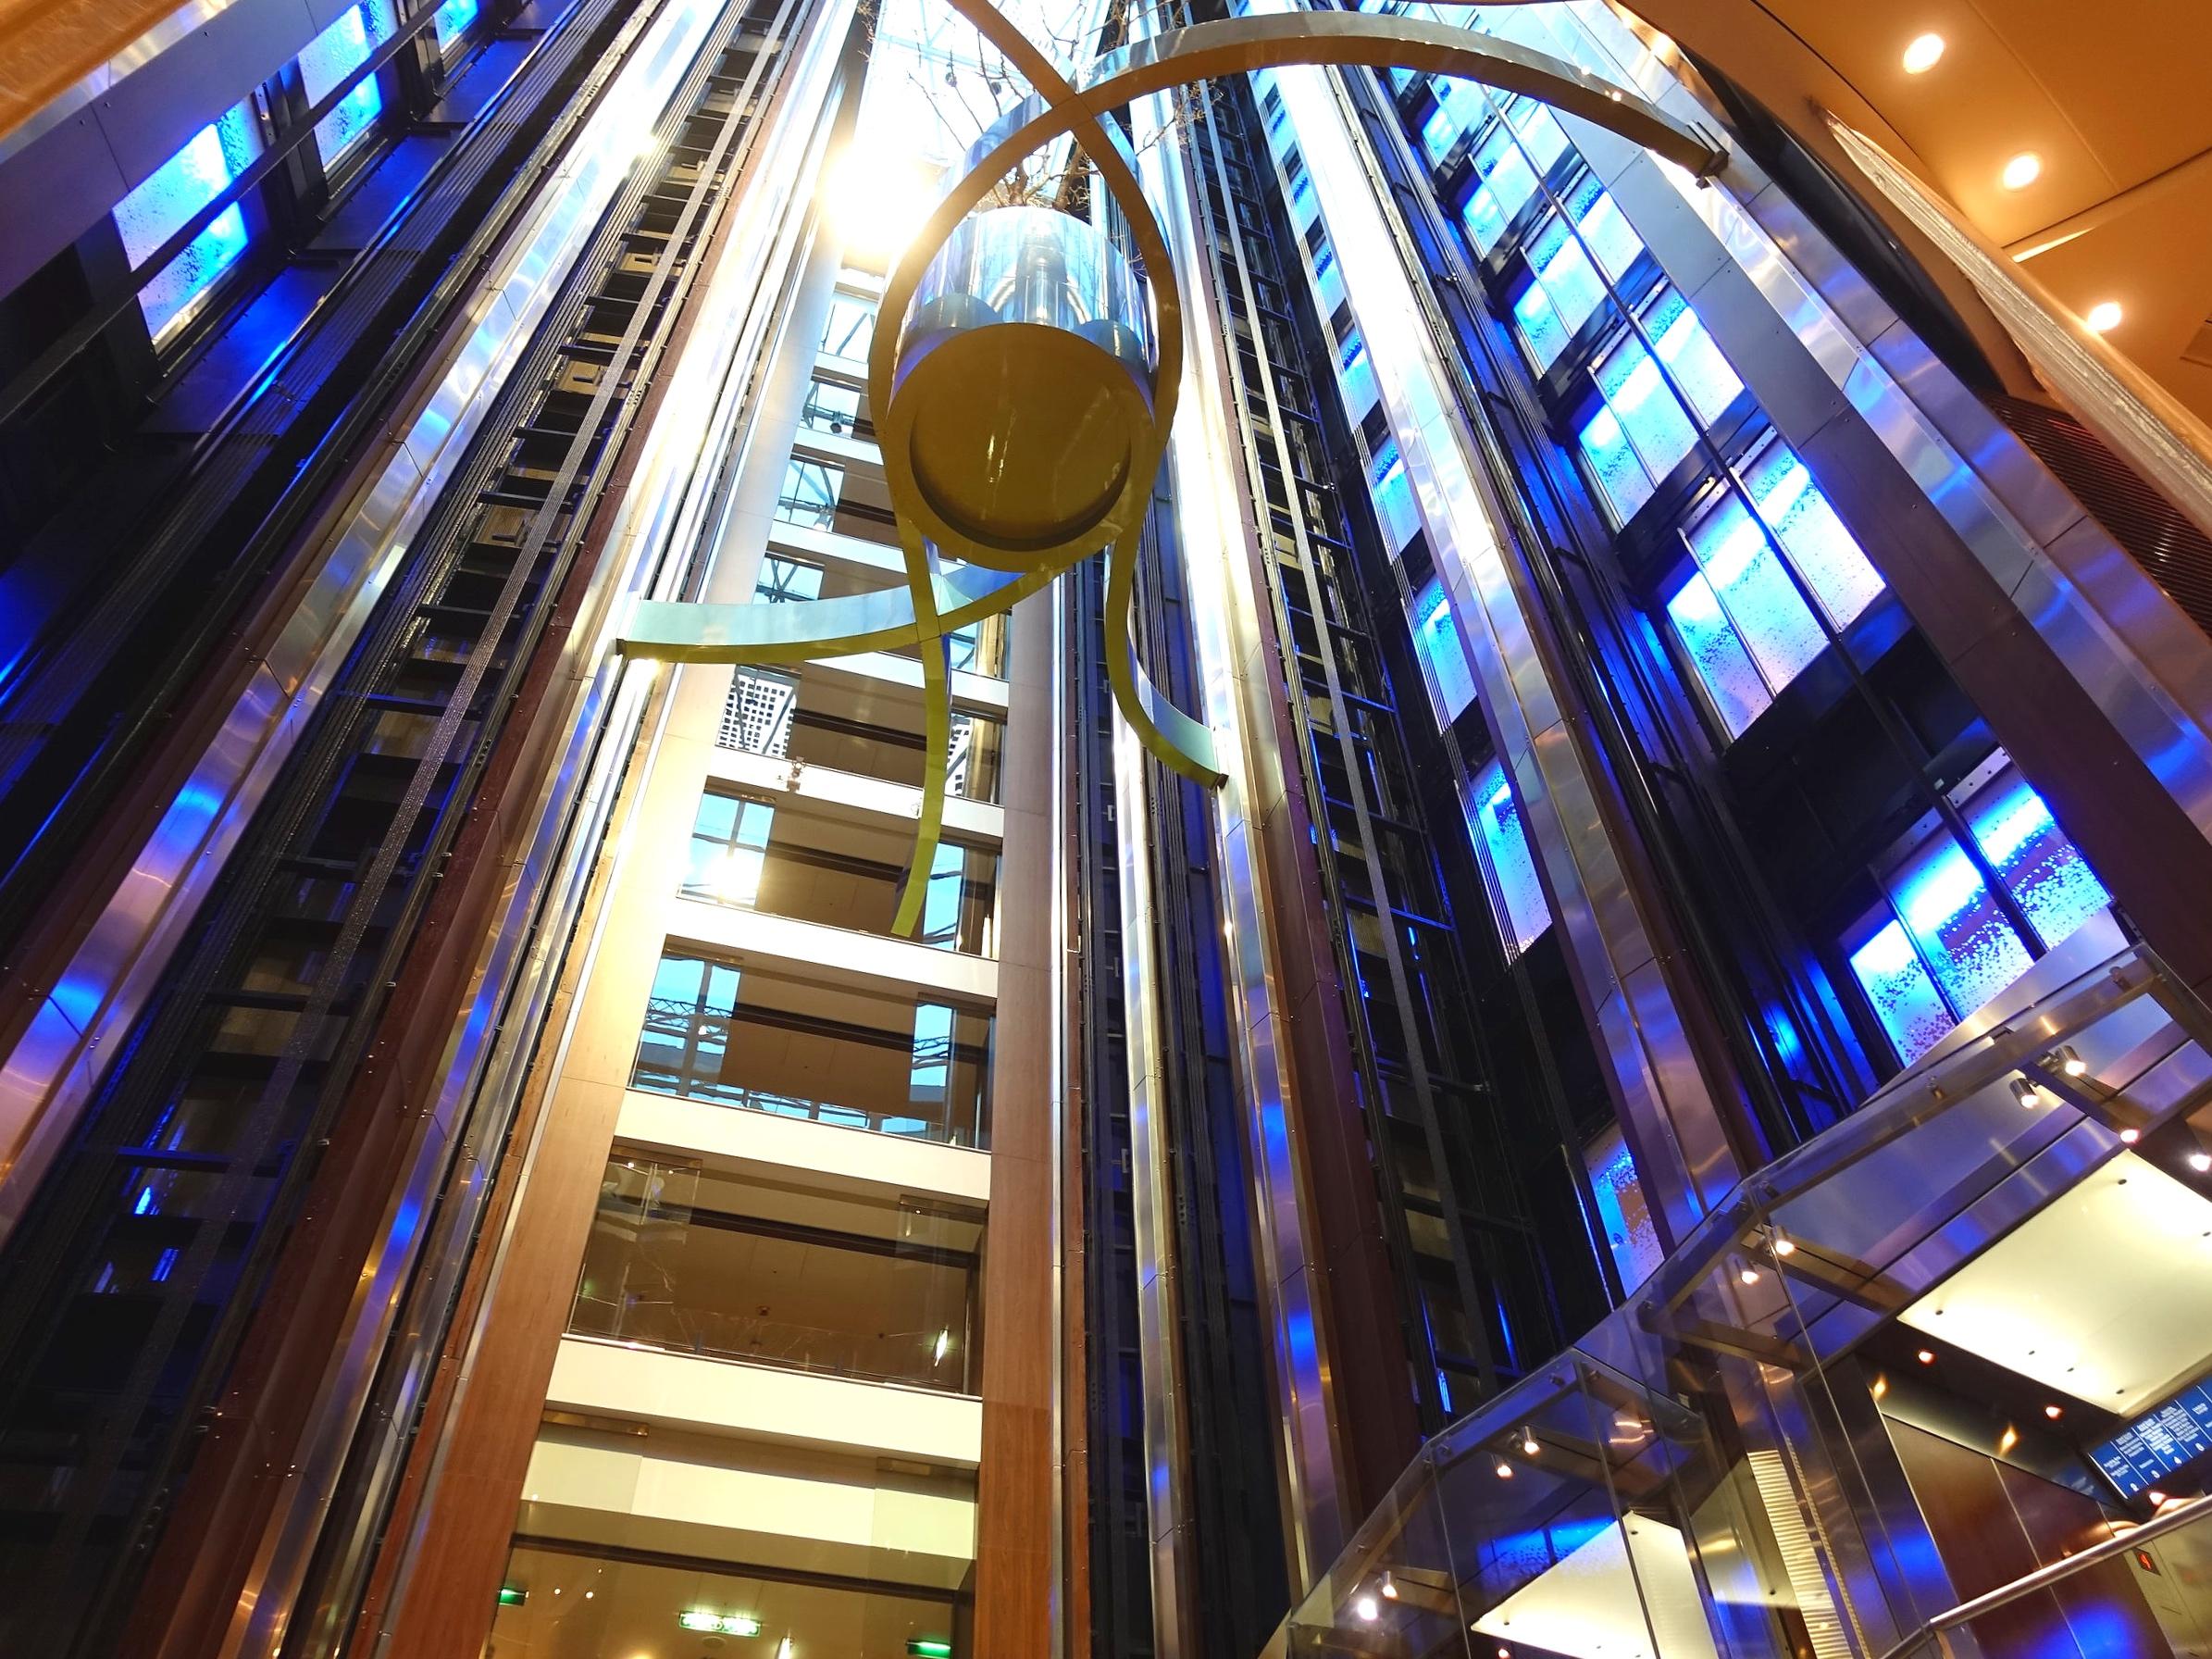 Atrium lifts